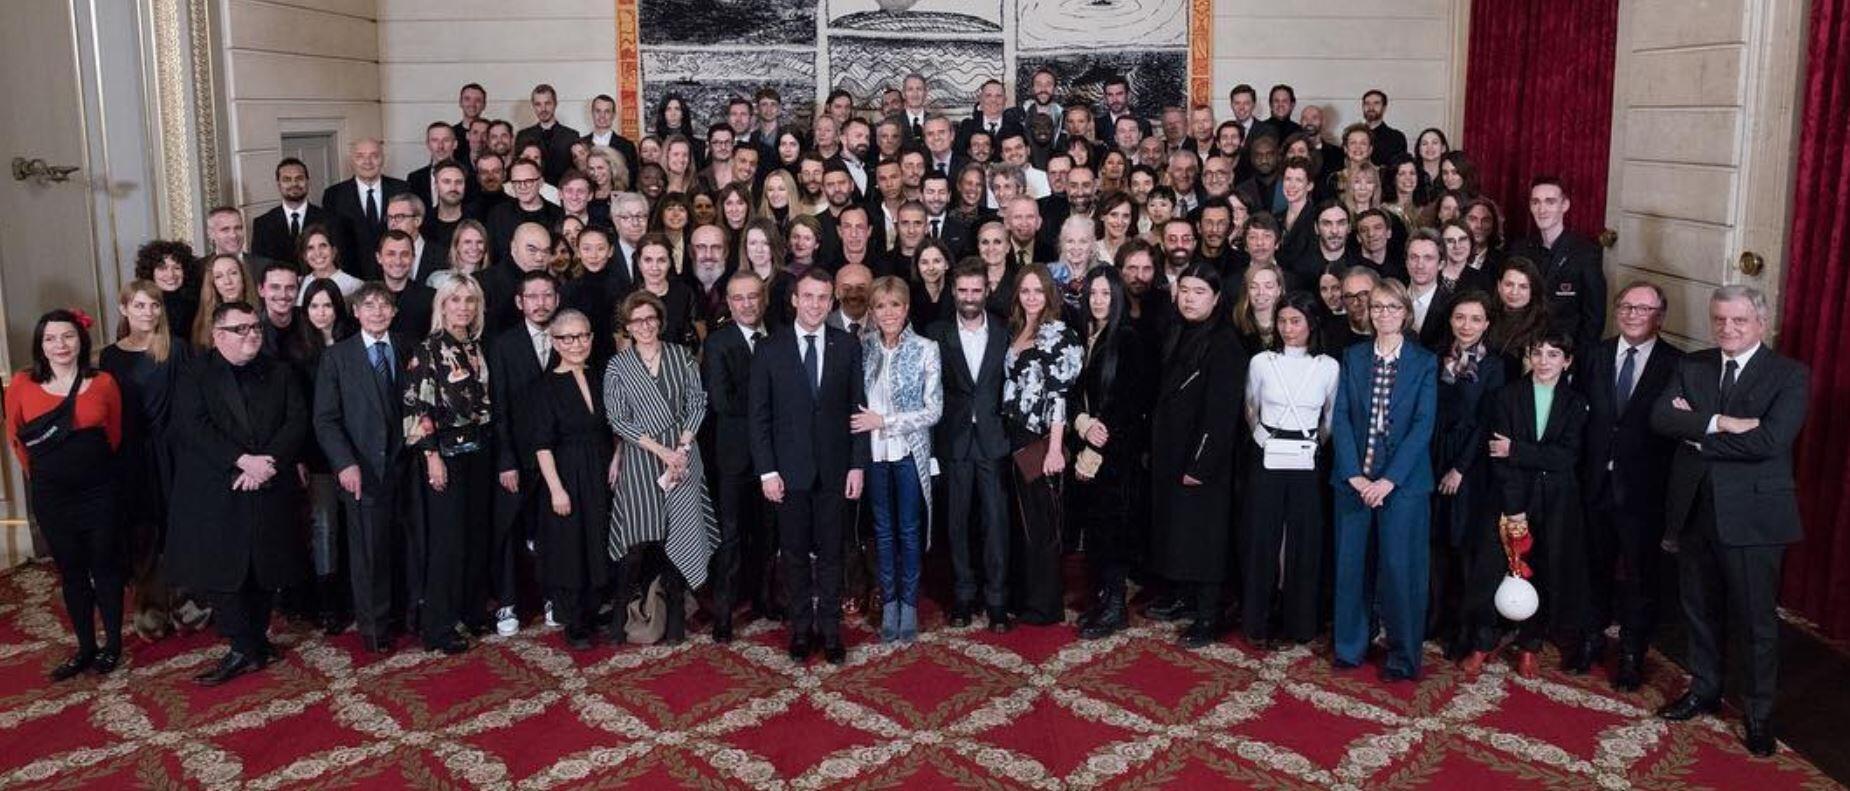 Официальная фотография приема дизайнеров от моды в Елисейском дворце 5 марта 2018.